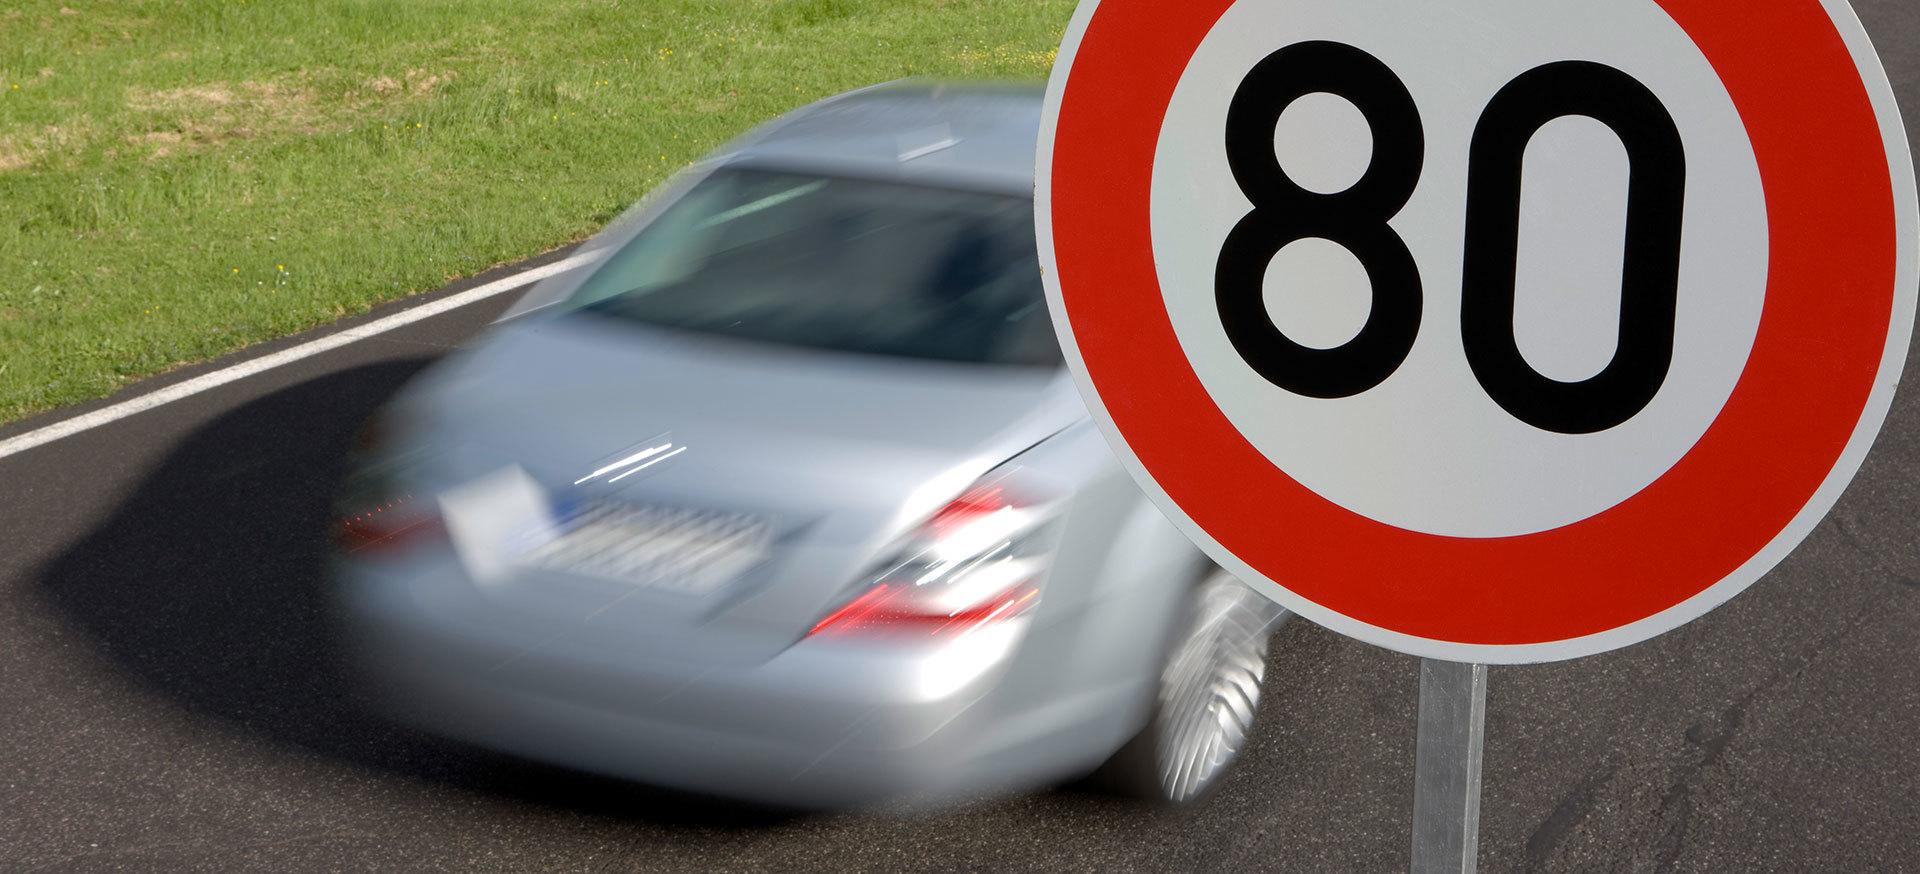 Senal Velocidad Maxima 80 Kmh Dgt